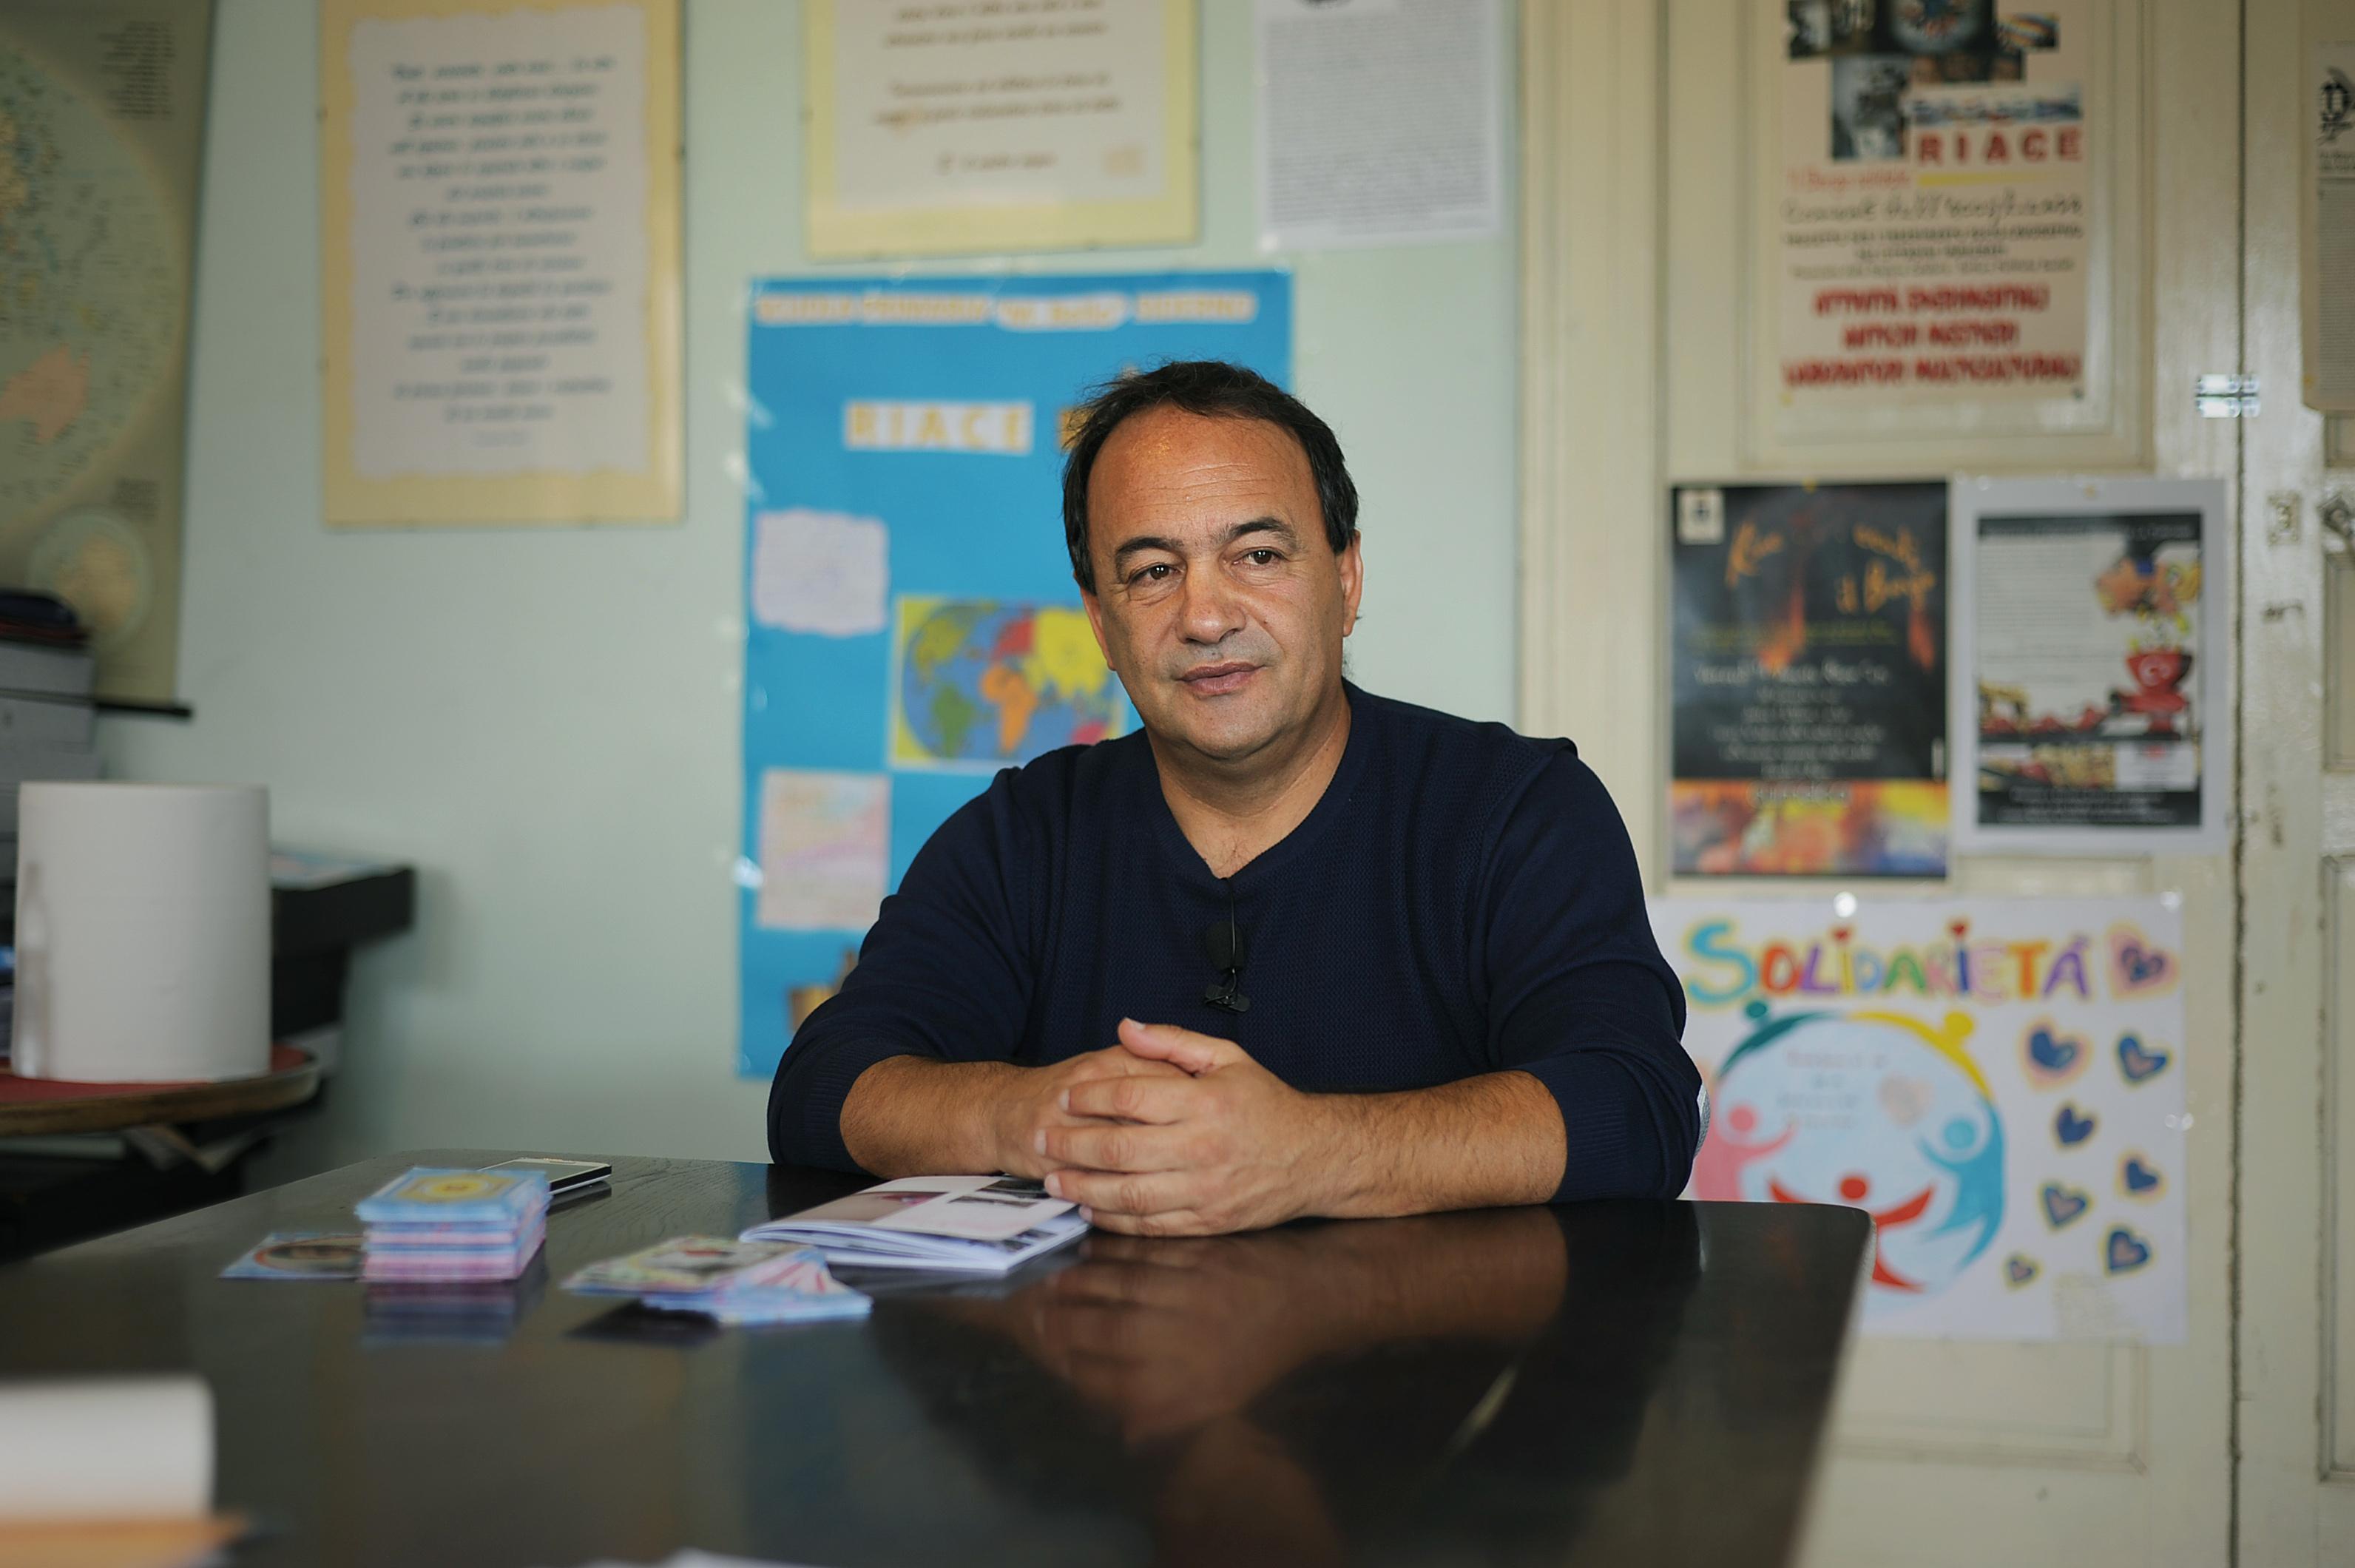 Riace, Lucano vedrà il padre malato a CatanzaroL'ex sindaco:«Bene accordo Pd-M5S, Salvini tiranno»